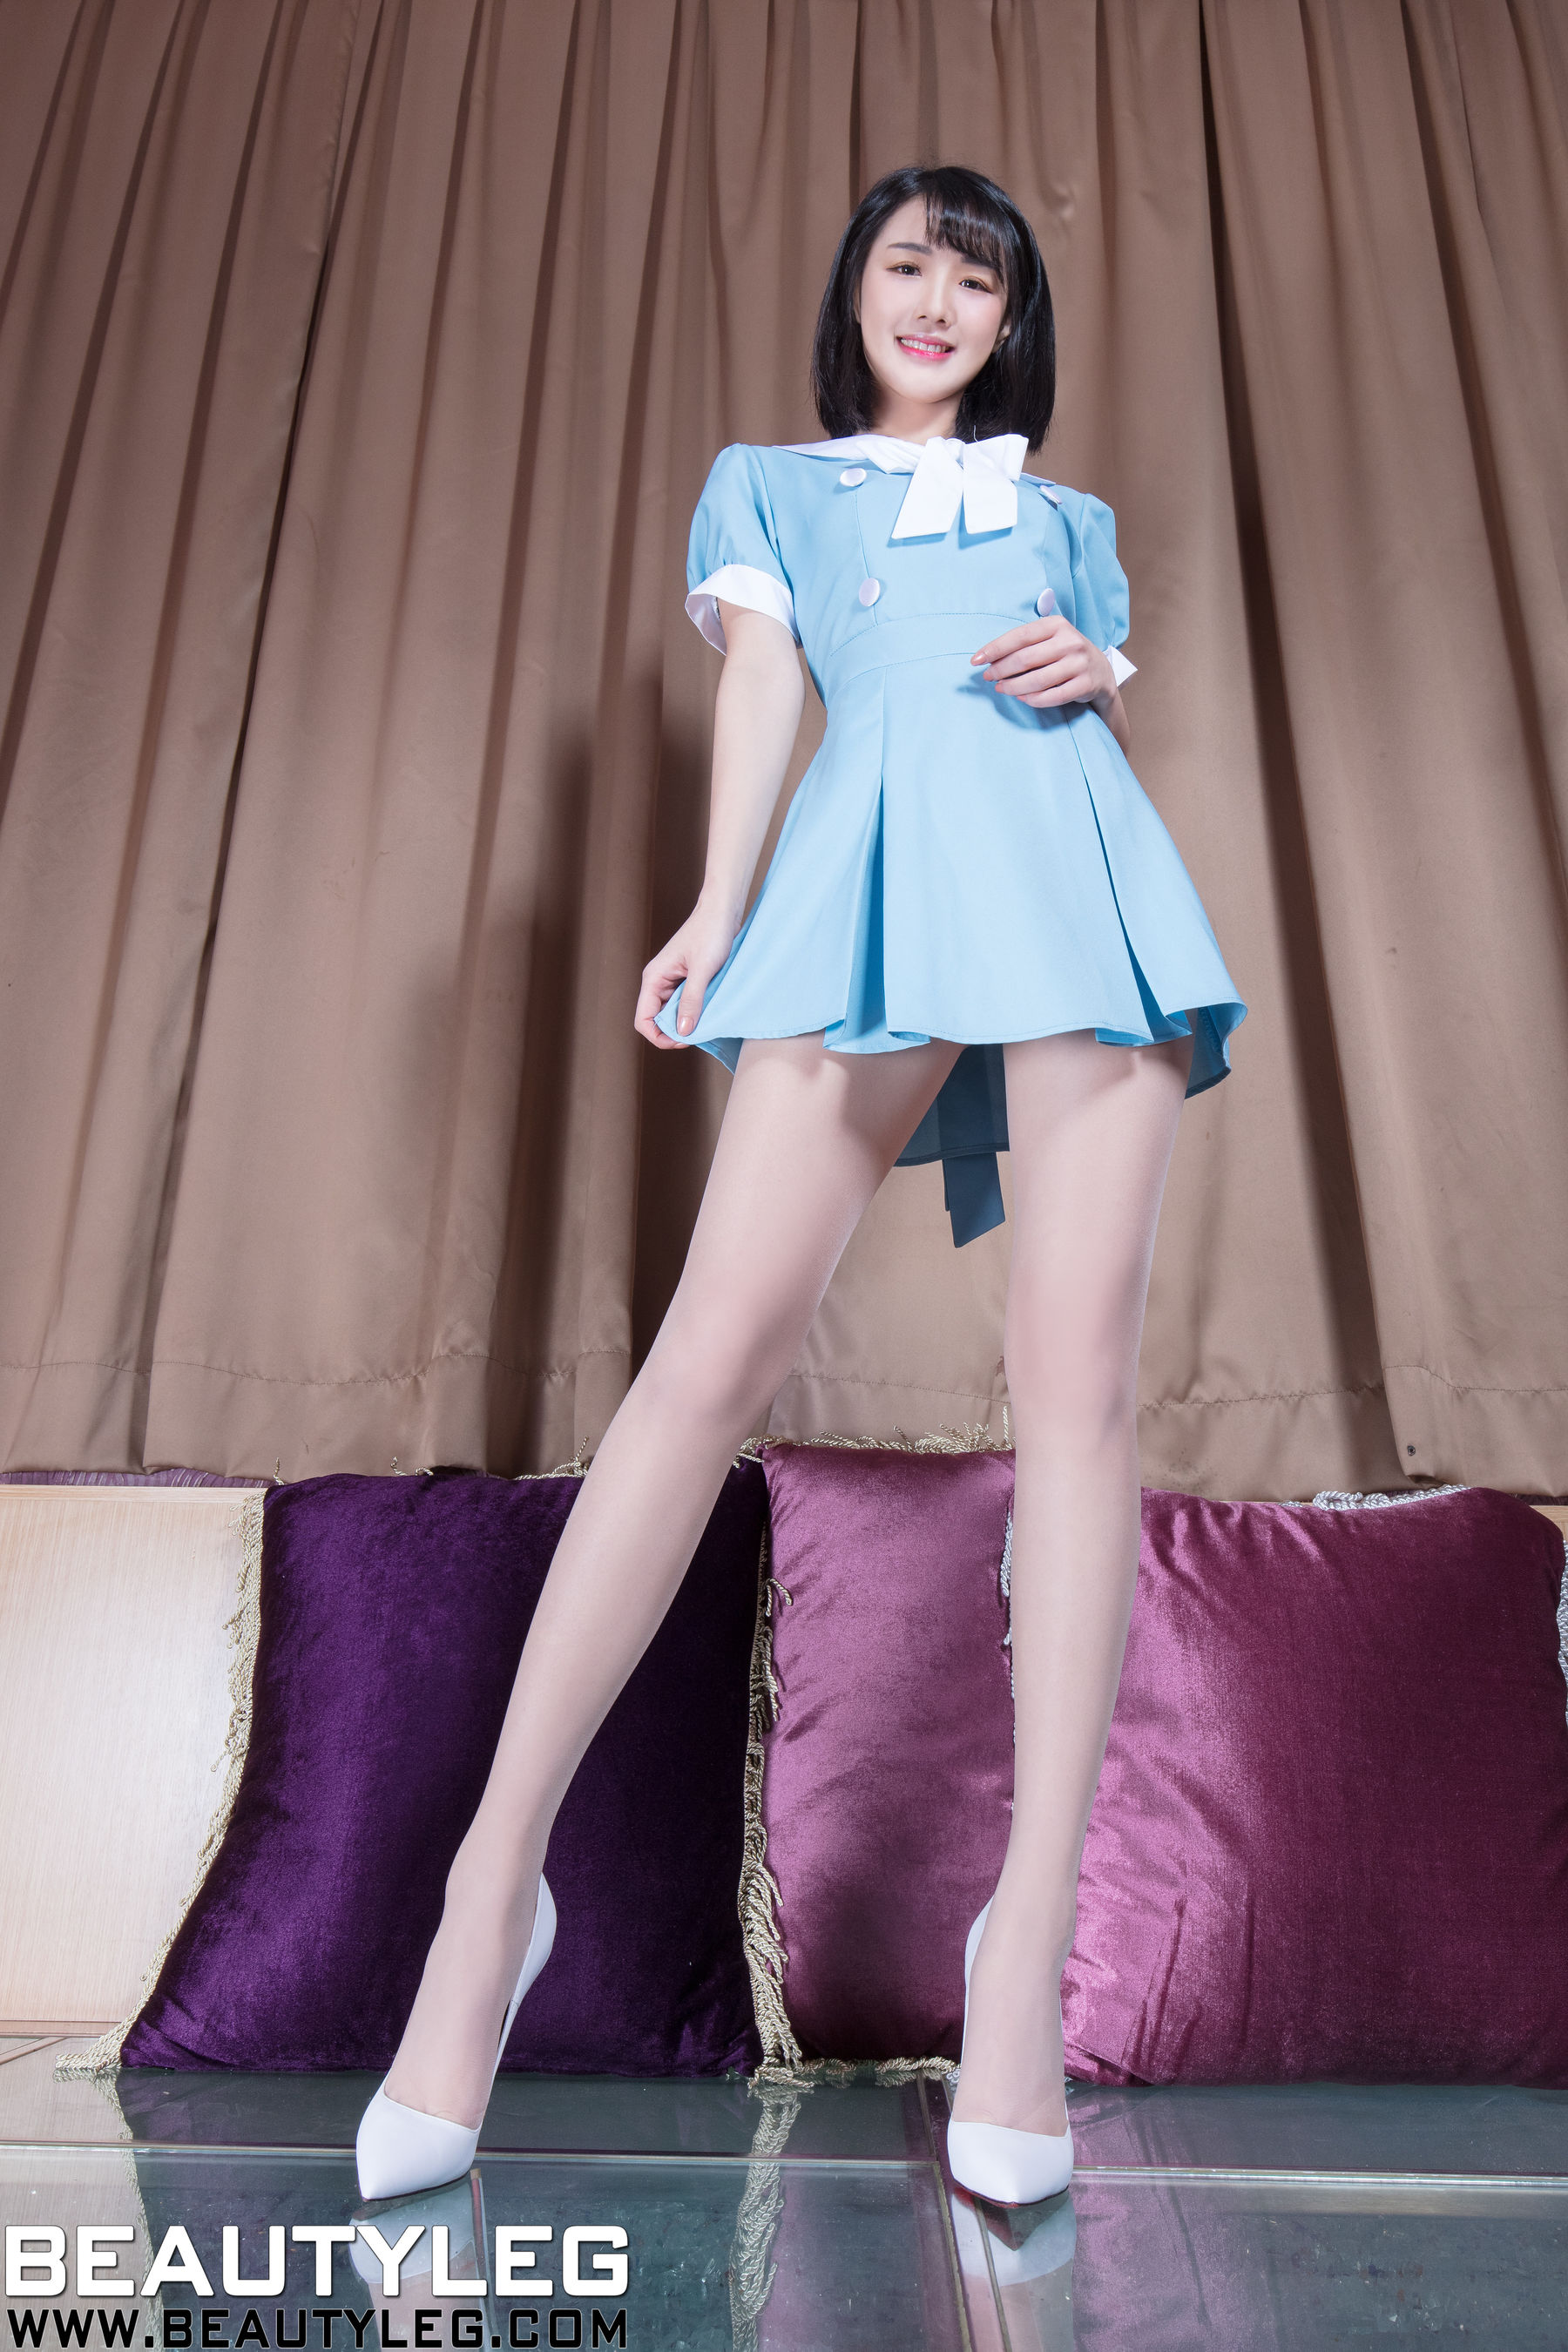 VOL.846 [Beautyleg]制服丝袜美腿长腿美女:腿模Wendy(Beautyleg Wendy)超高清个人性感漂亮大图(39P)